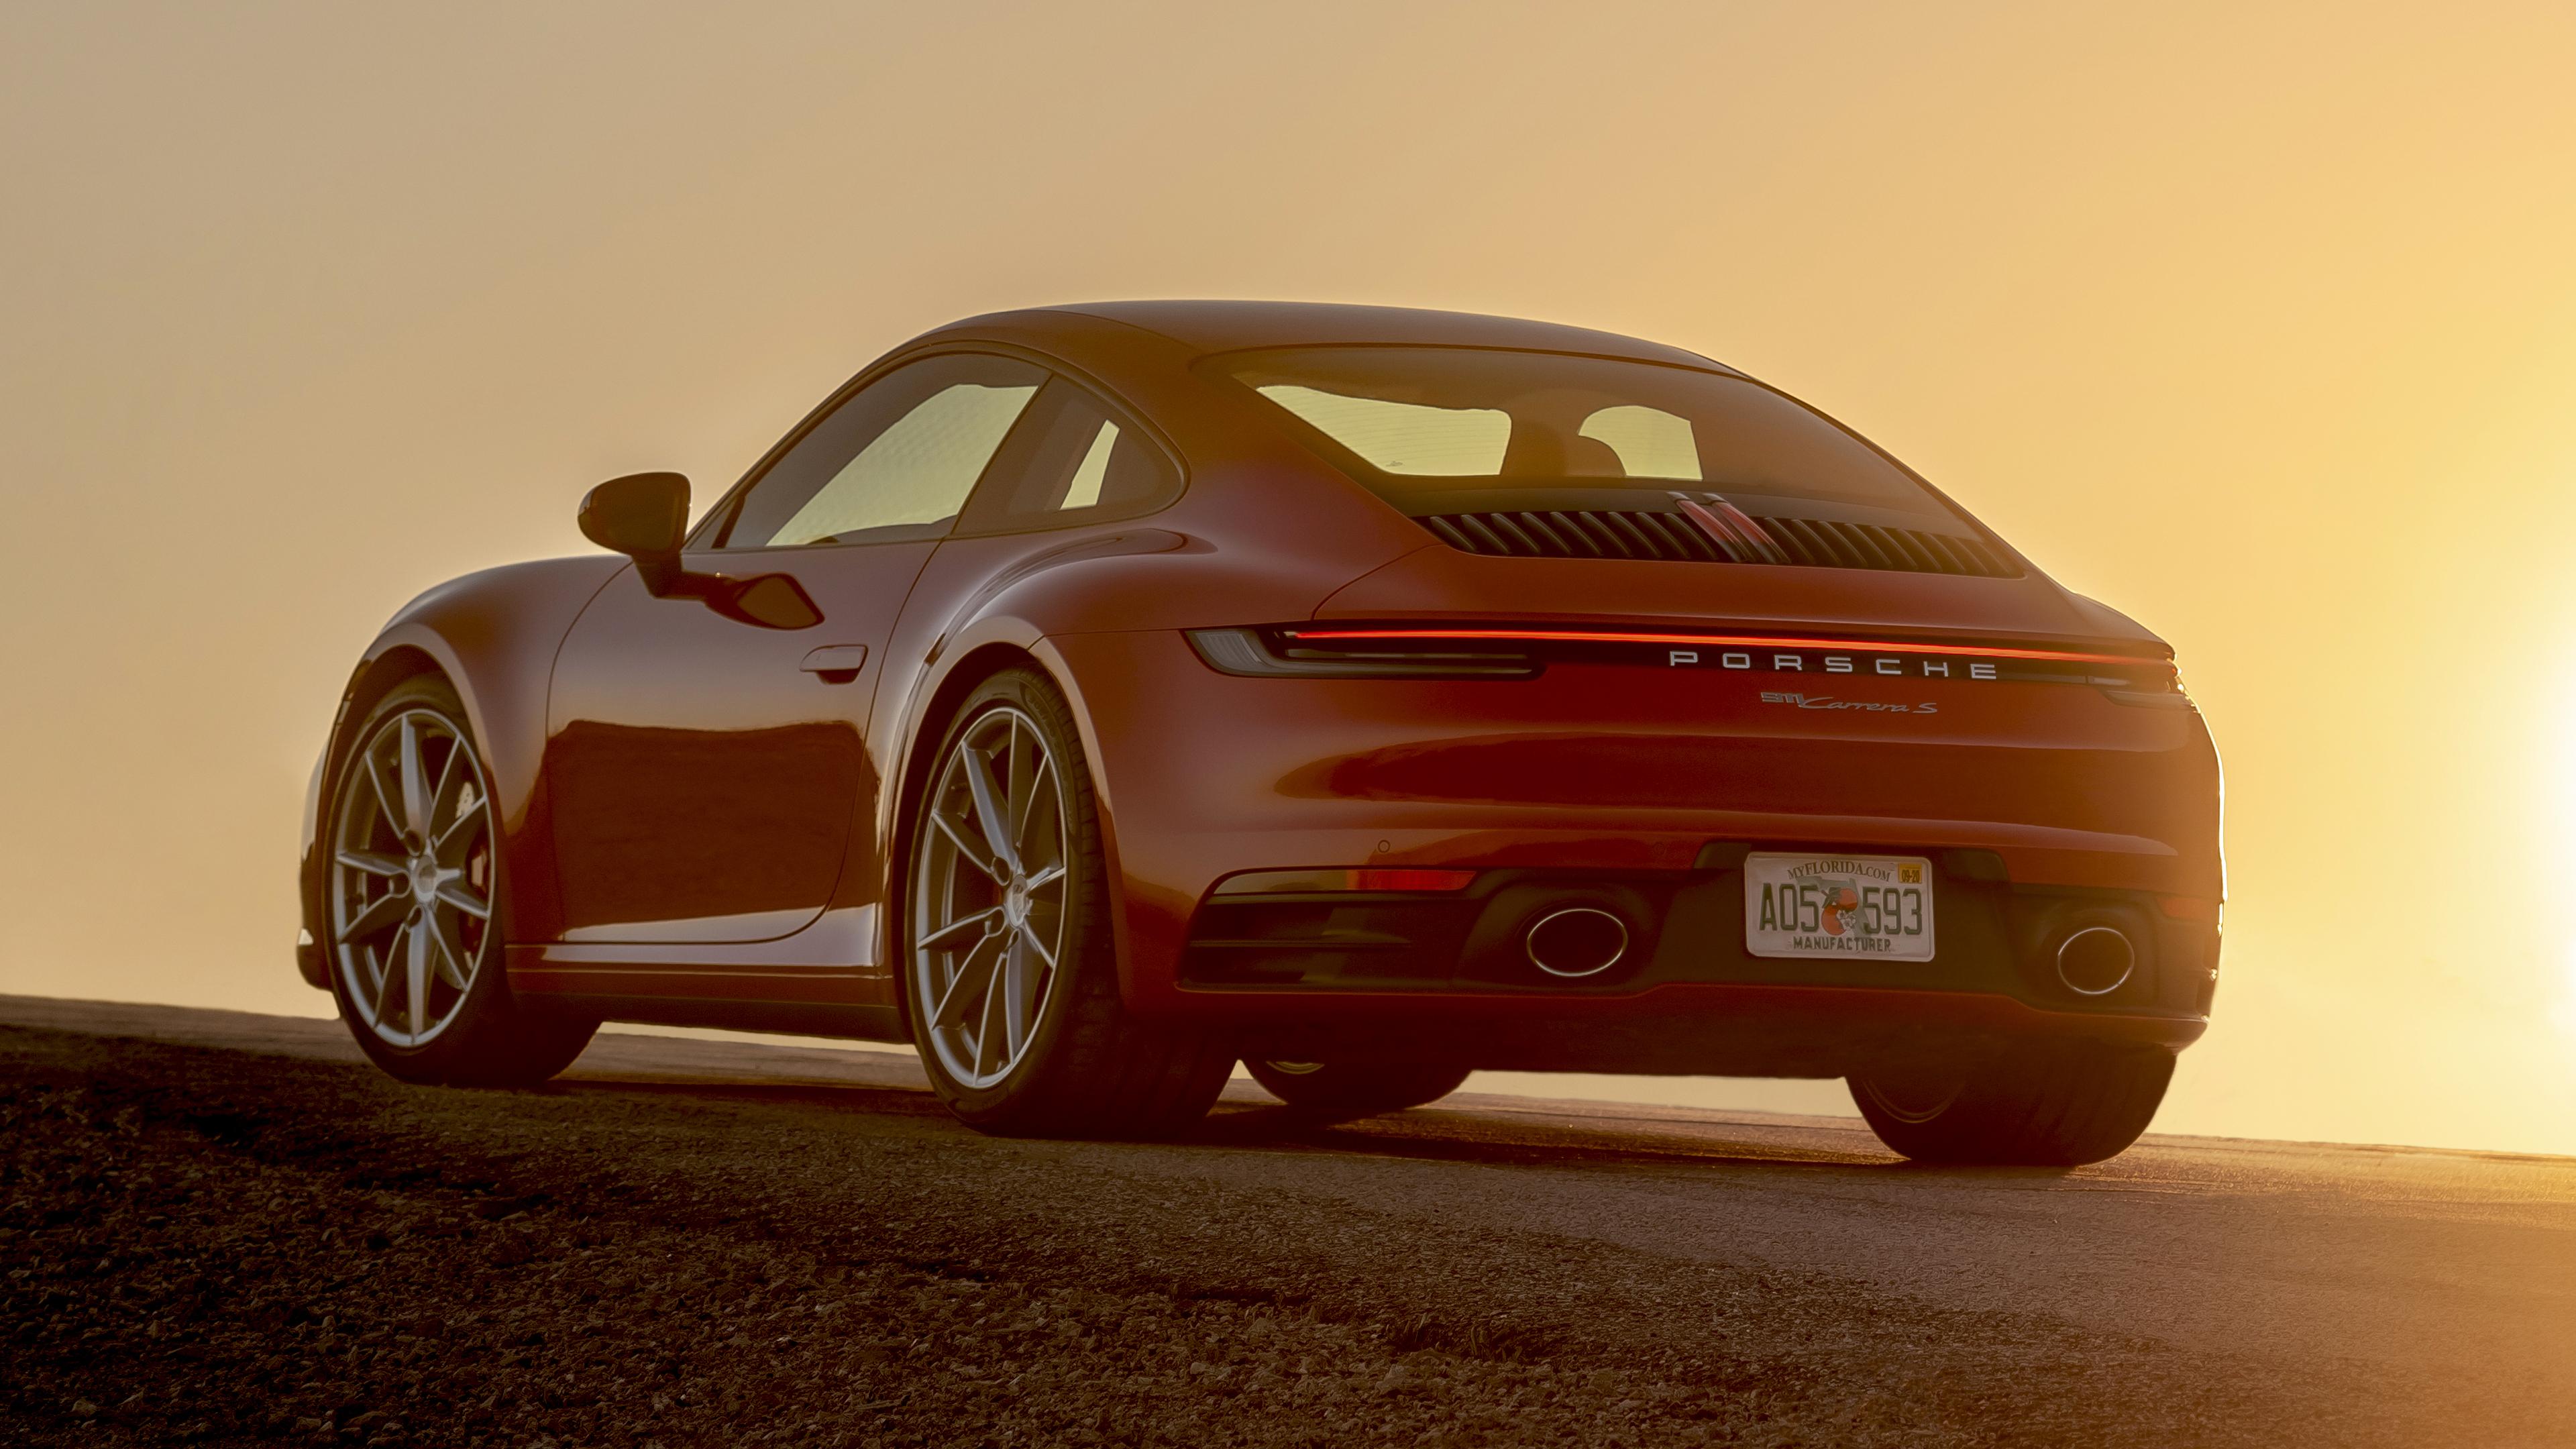 2020 Porsche 911 Carrera S 4K 2 Wallpaper HD Car Wallpapers ID 3840x2160